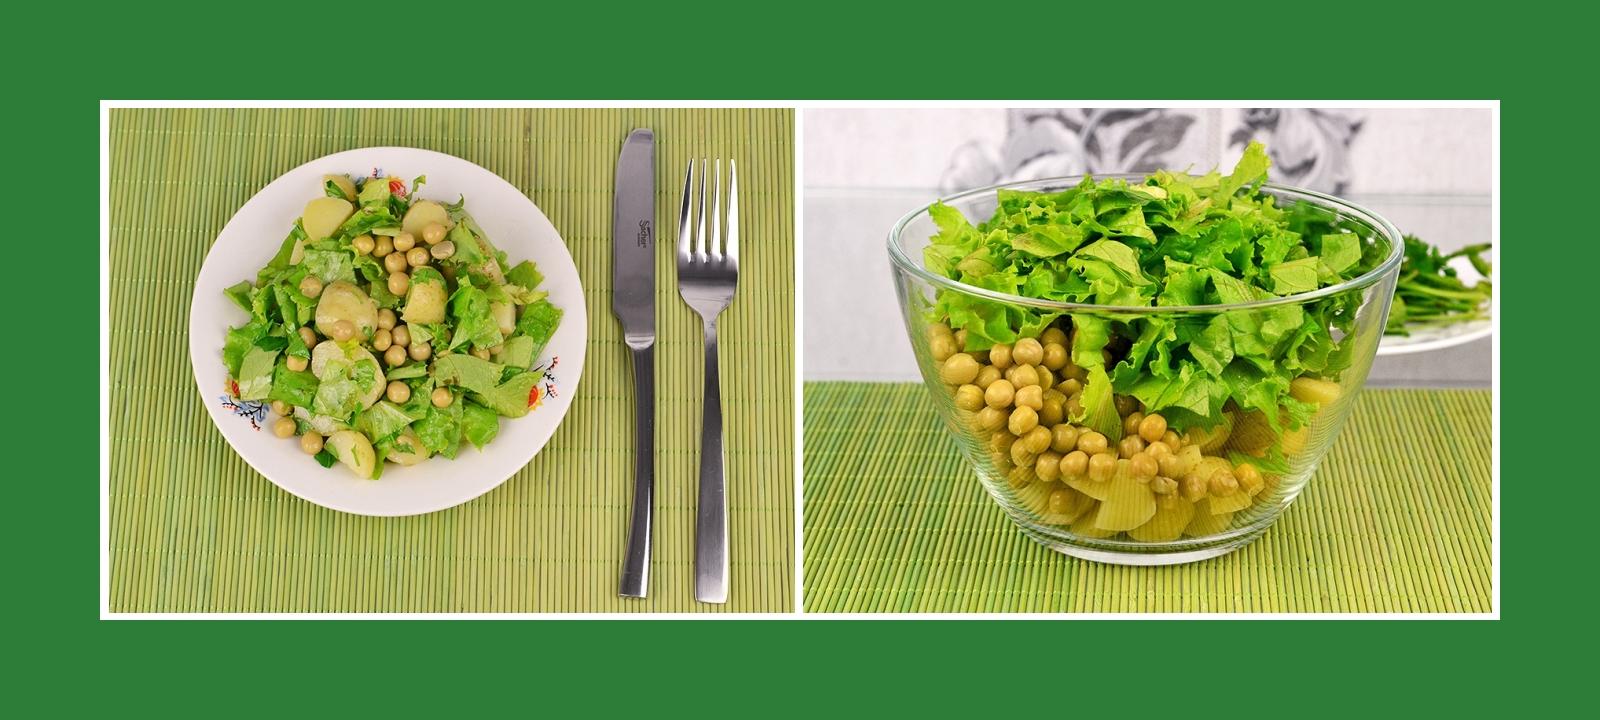 Kartoffelsalat mit Erbsen und knusprigen Salatblättern